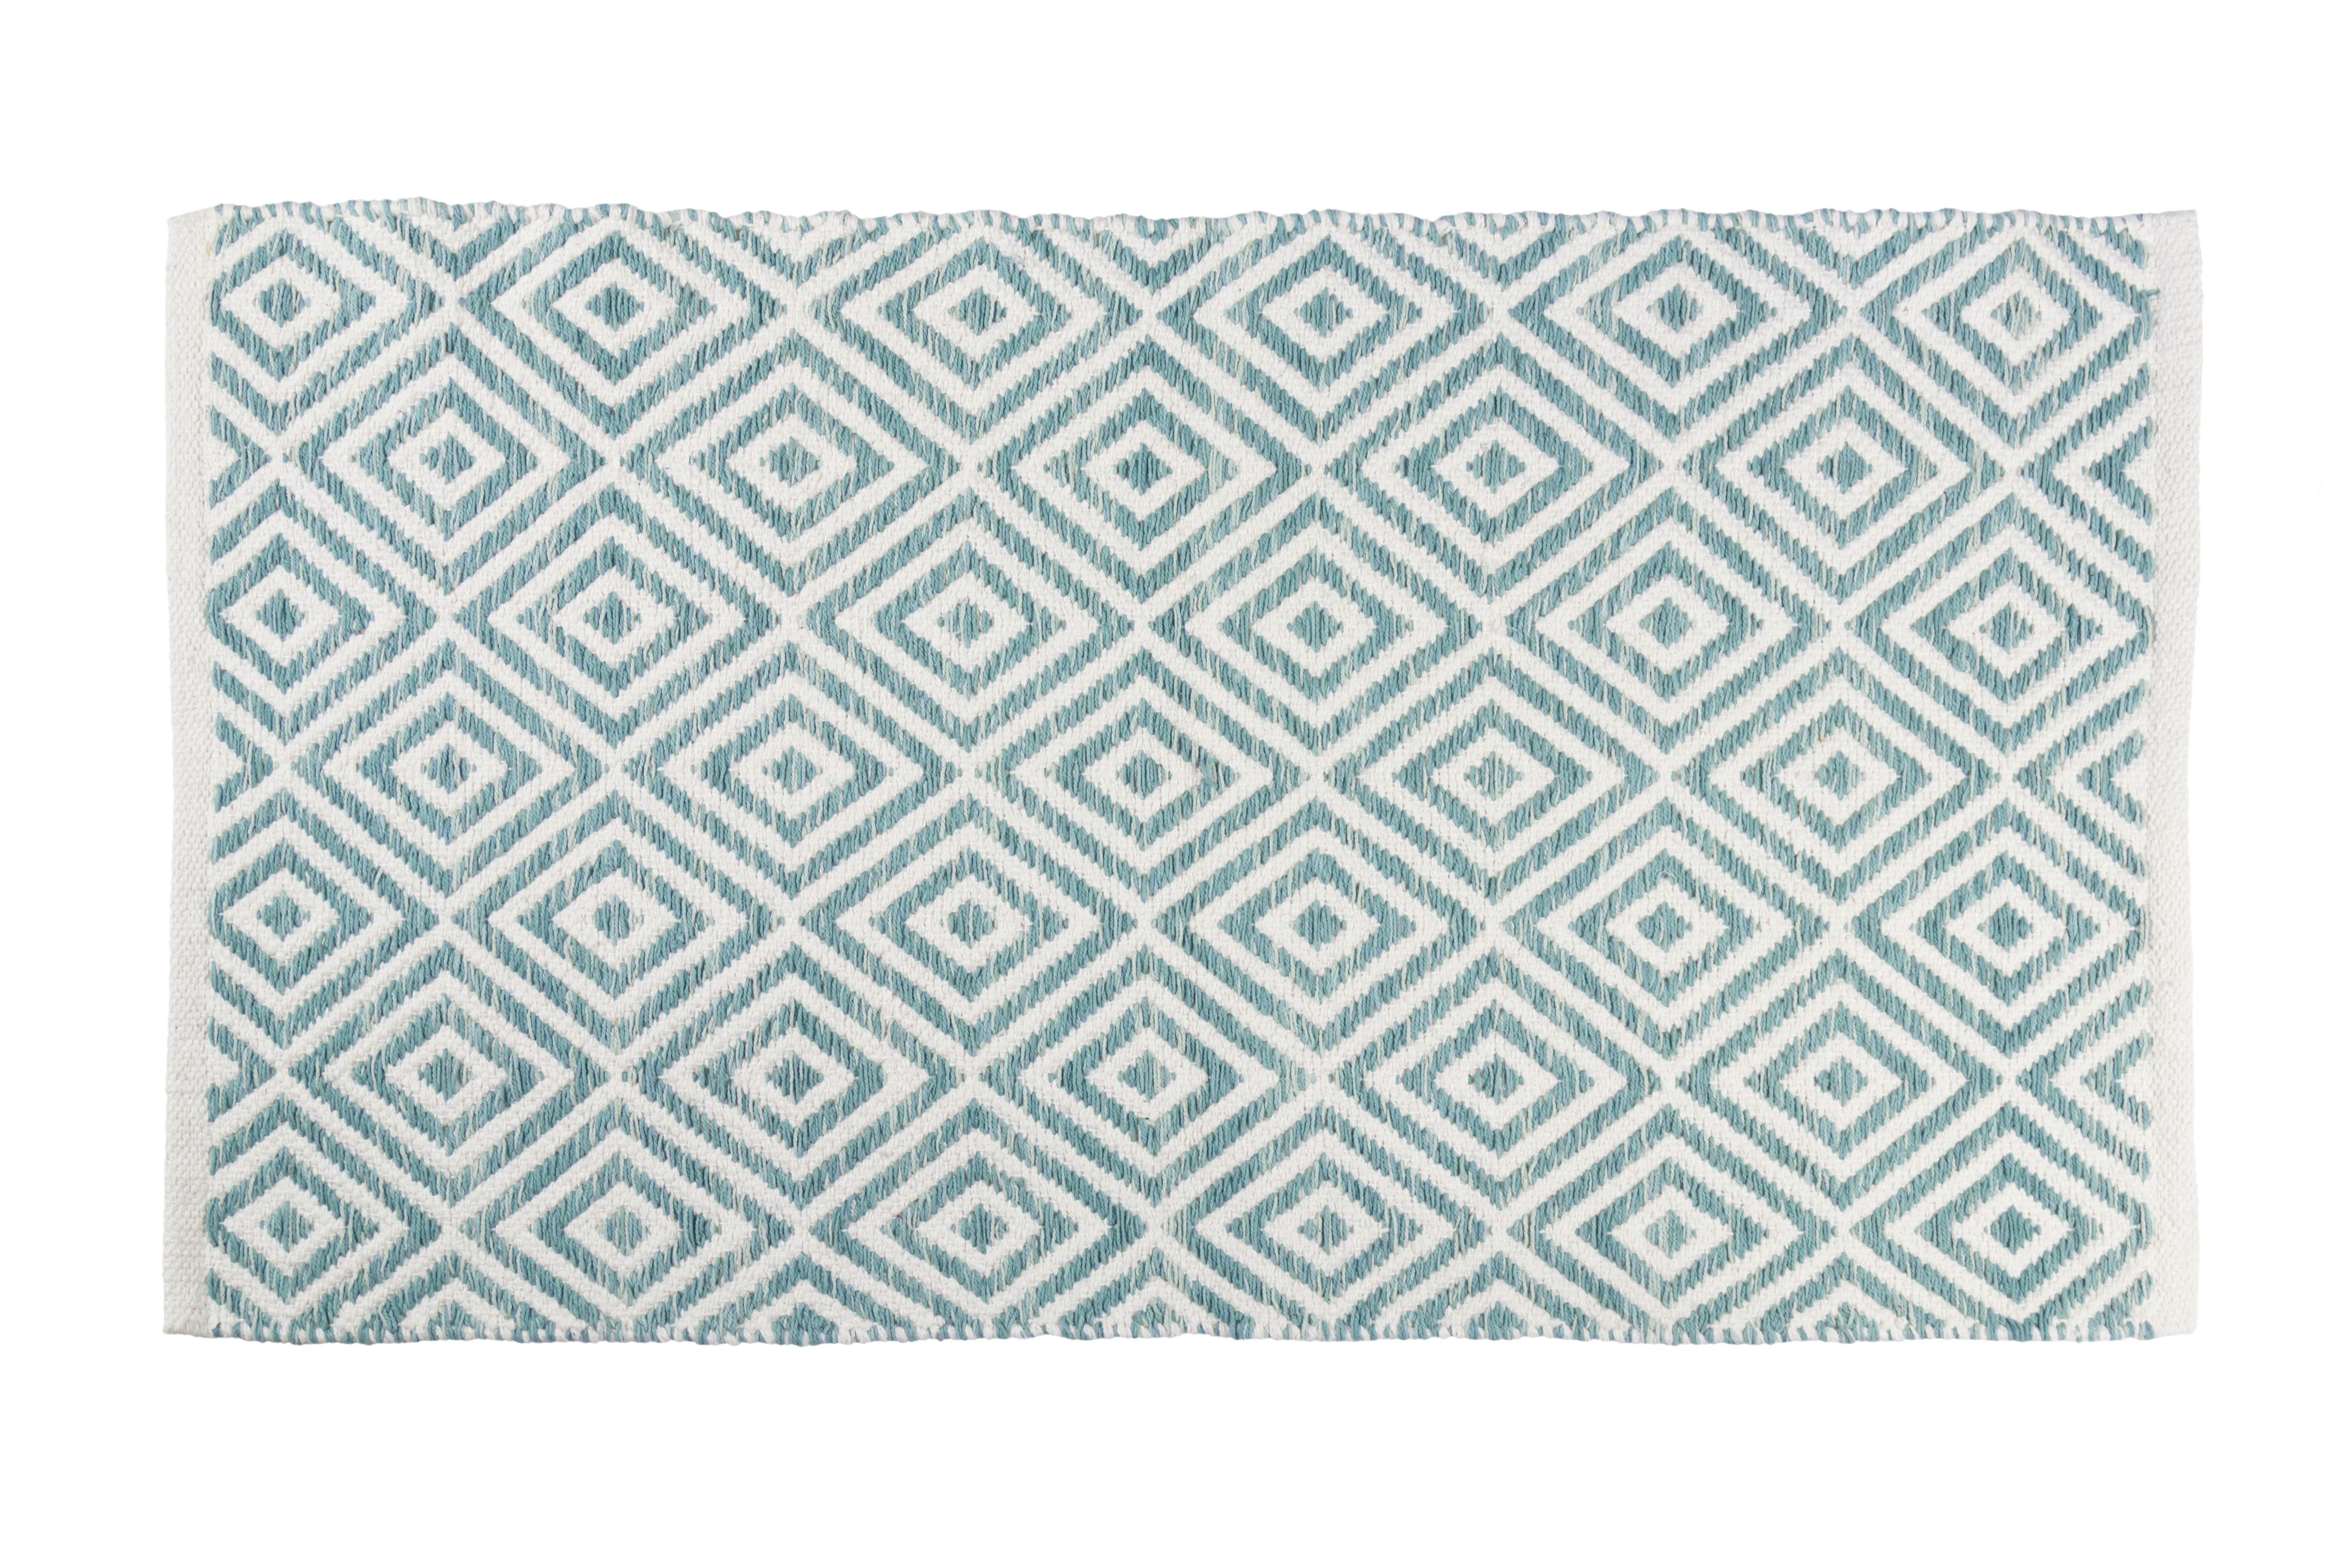 Πατάκι Μπάνιου Βαμβακερό Lauren Sea Blue 50x80cm home   ειδη μπανιου   χαλιά   πατάκια μπάνιου